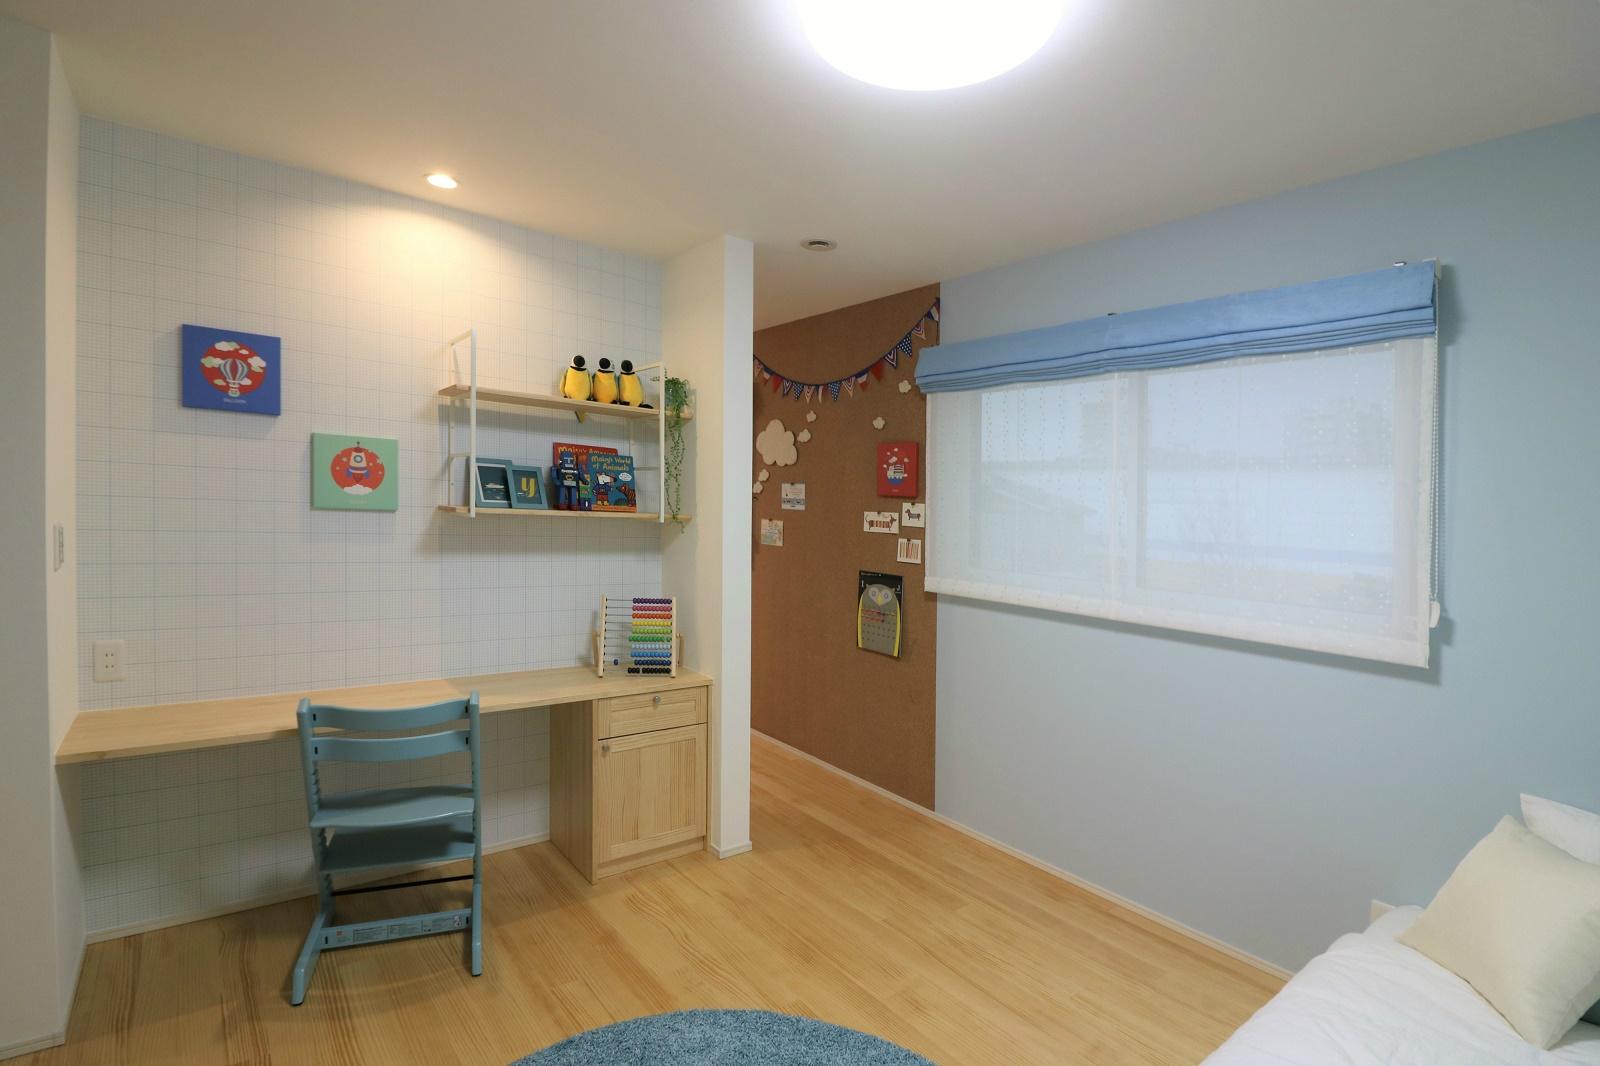 男の子向けにコーディネートした子供部屋。成長して大きくなっても十分な広さのある子供部屋です。